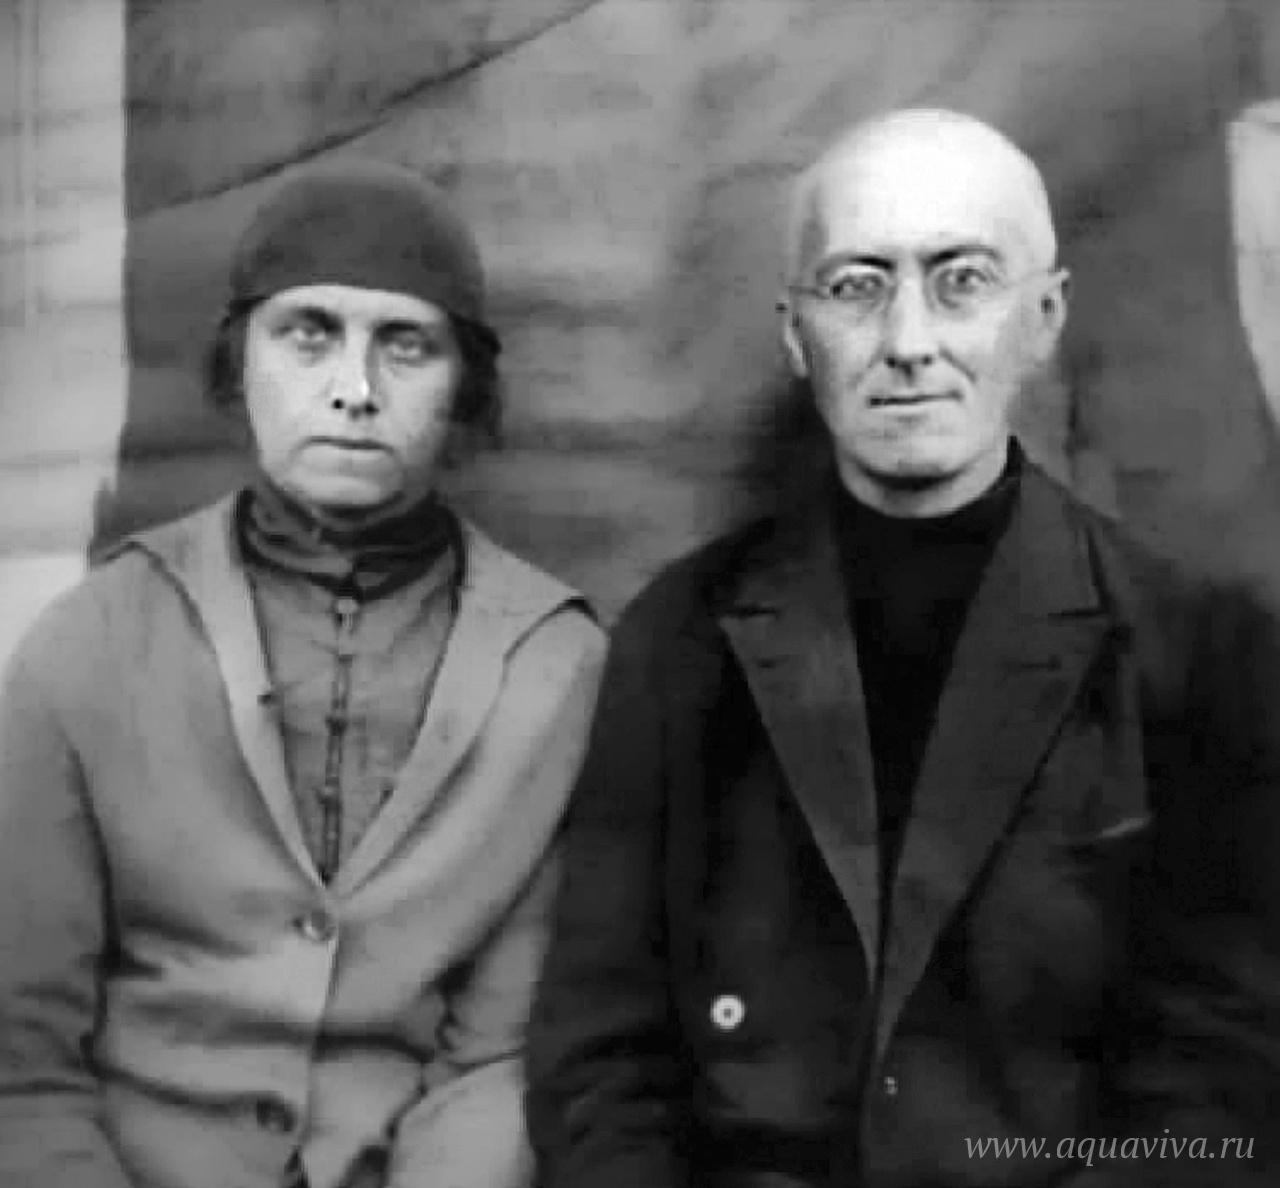 А.Ф. Лосев и его супруга Валентина Михайловна на Беломорканале. 1932–1933 годы. Валентина Лосева (1897–1954) — известный астроном. В 1920-е годы член имяславческого кружка. В 1929 году вместе с мужем приняла монашество с именем Афанасия. В 1931–1933 годах отбывала срок в Сиблаге и Свирлаге